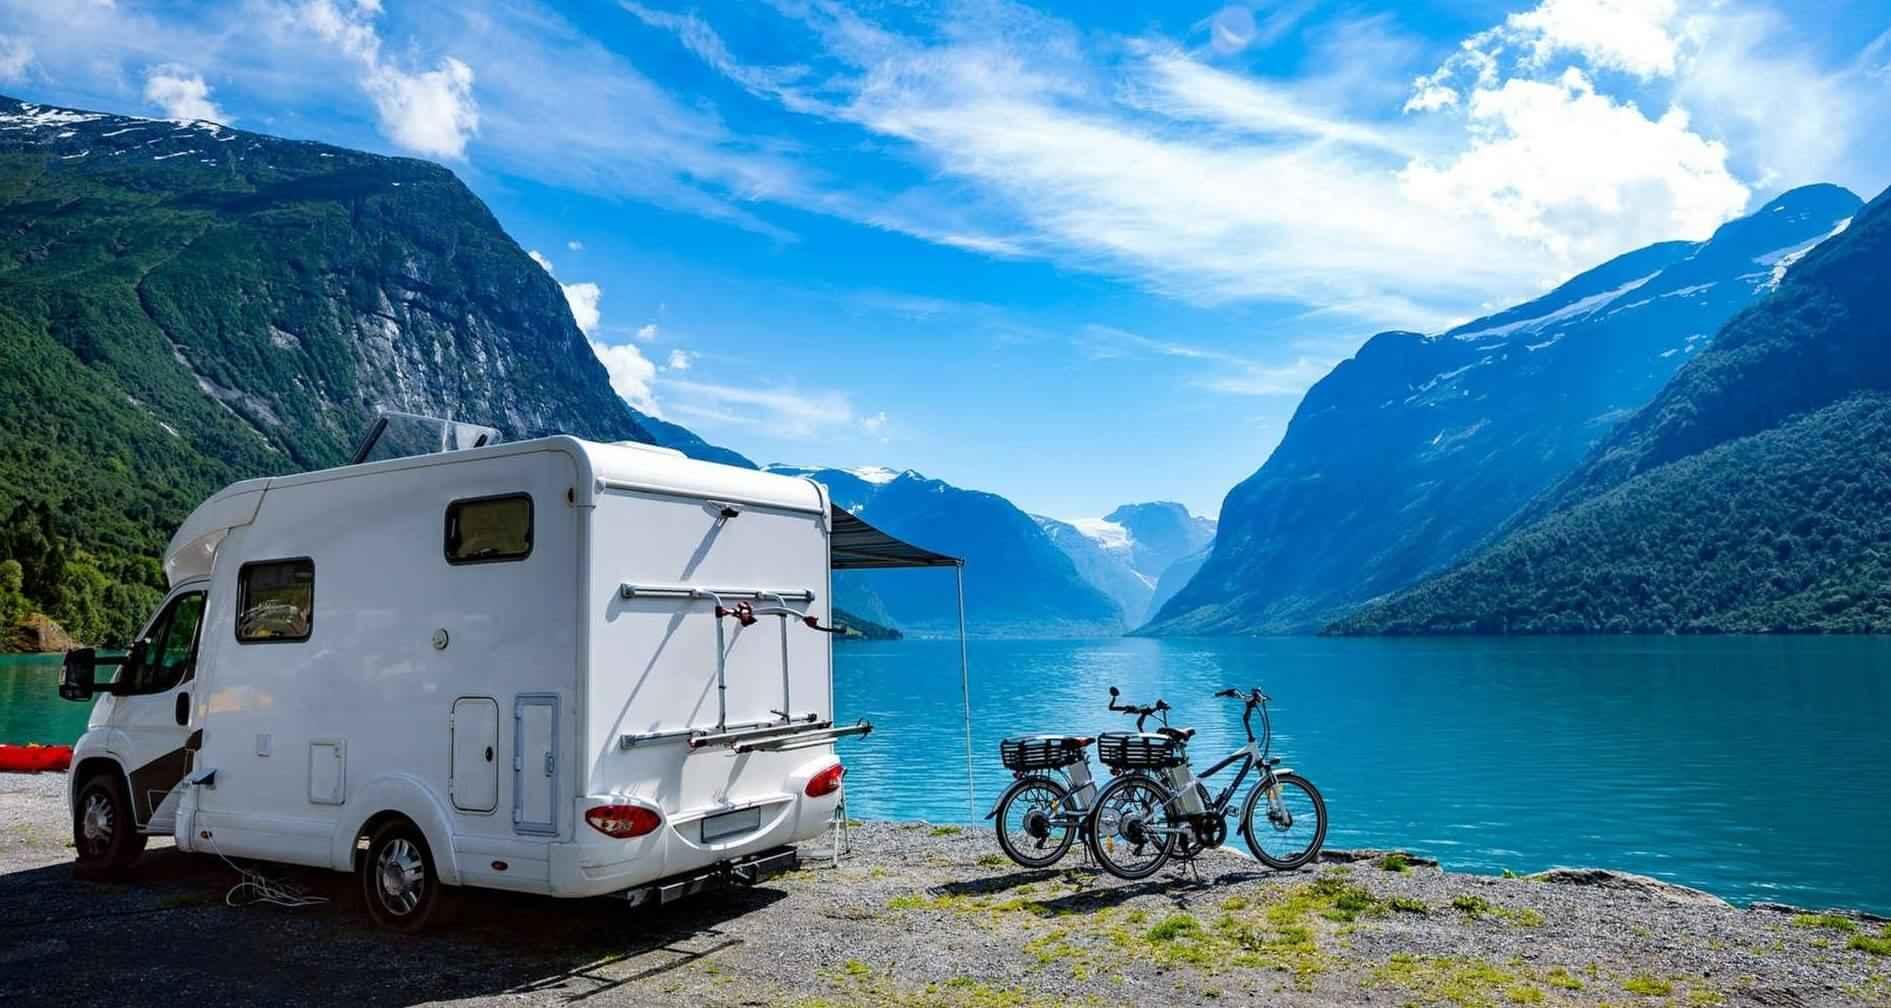 göl kenarında karavan ve iki bisiklet görseli